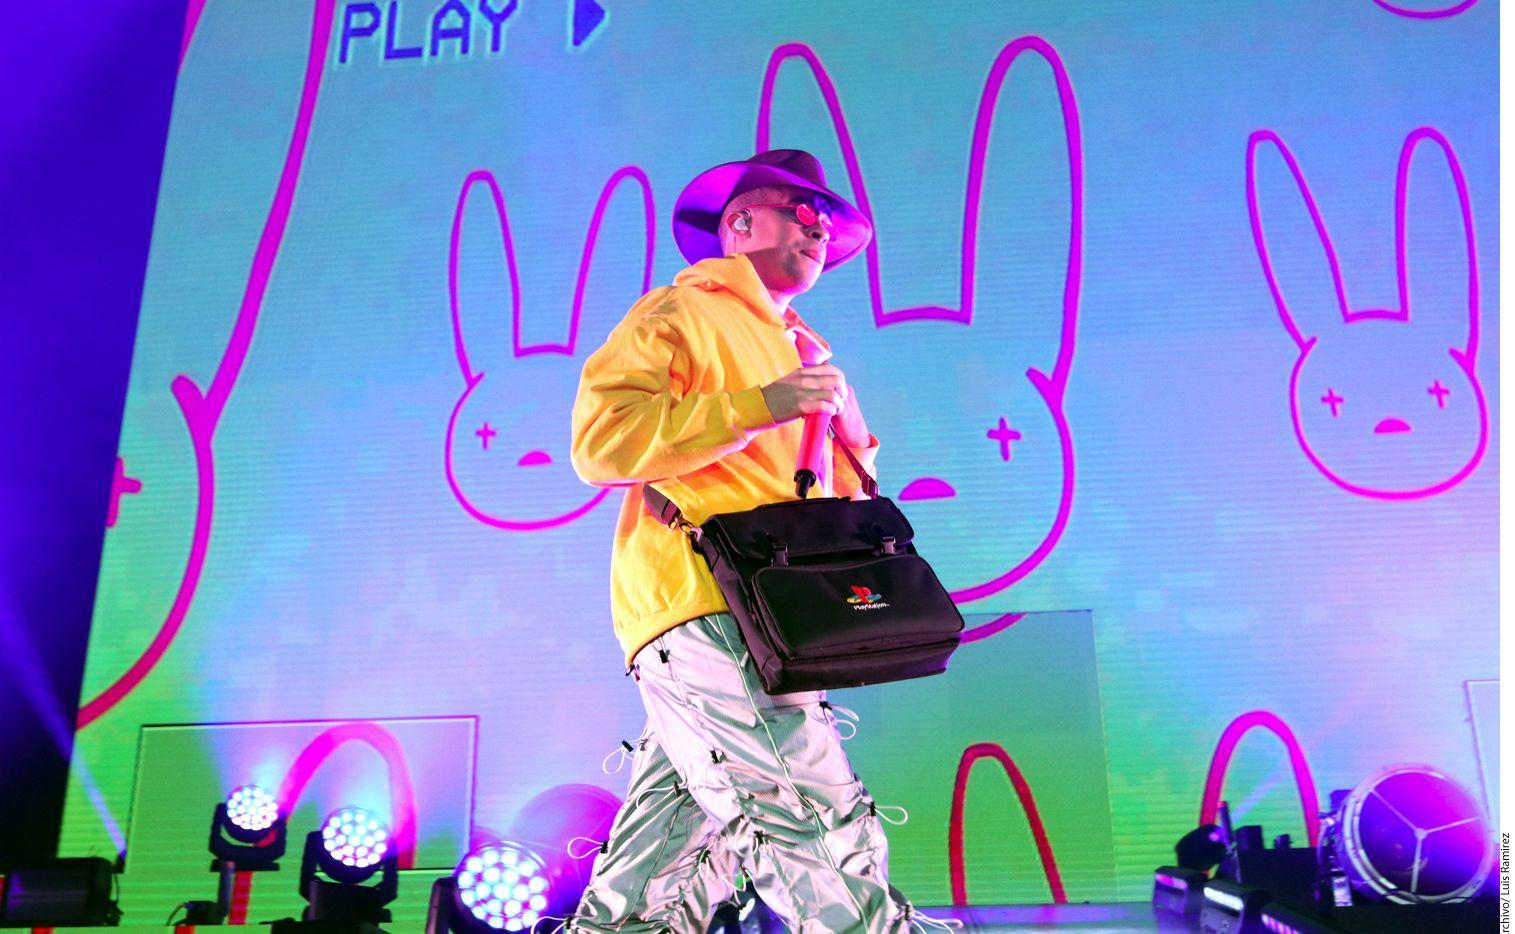 El objetivo de la Fundación Good Bunny, encabezada por Bad Bunny, sin fines de lucro, es integrar y empoderar a los jóvenes a través de la música y las artes, aparte de contribuir a la formación de valores y desarrollo personal de los jóvenes./ AGENCIA REFORMA